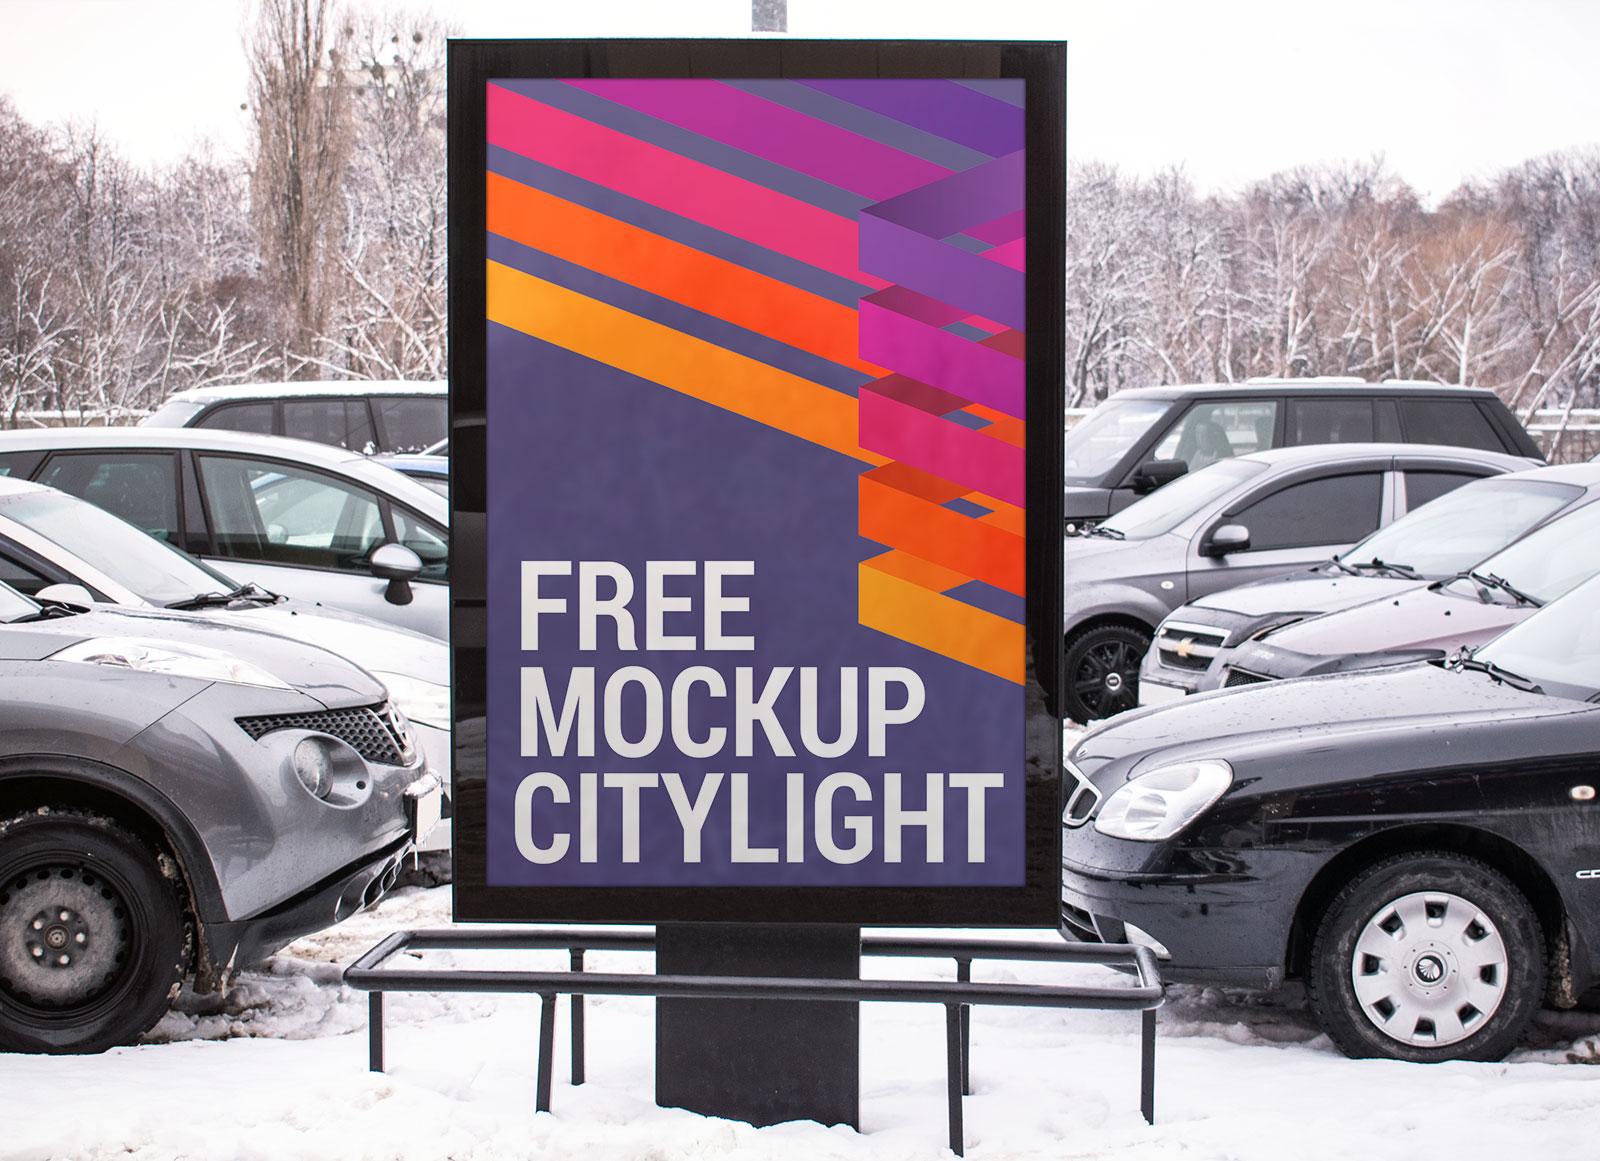 Free-Citylight-Street-Billboard-Mockup-PSD